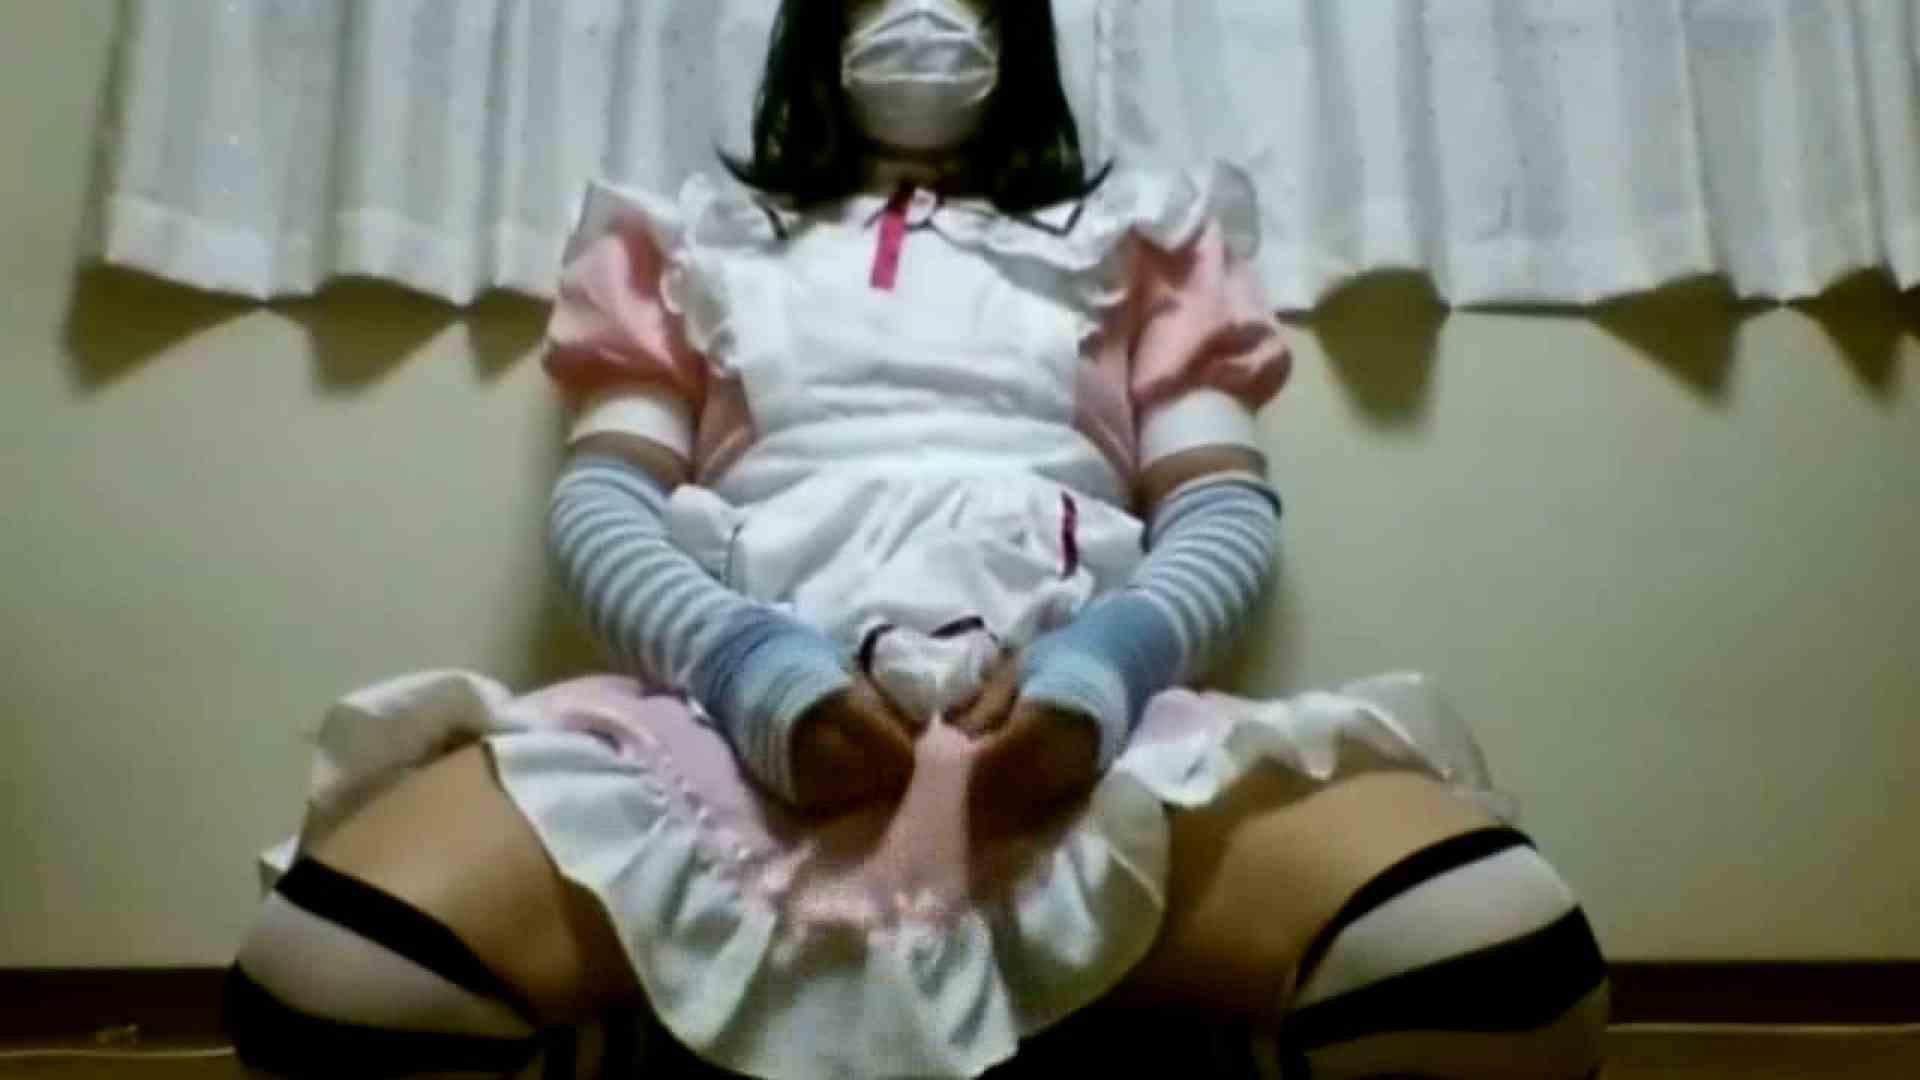 男のKOスプレー!Vol.10 オナニー | 手コキ アダルトビデオ画像キャプチャ 73pic 25